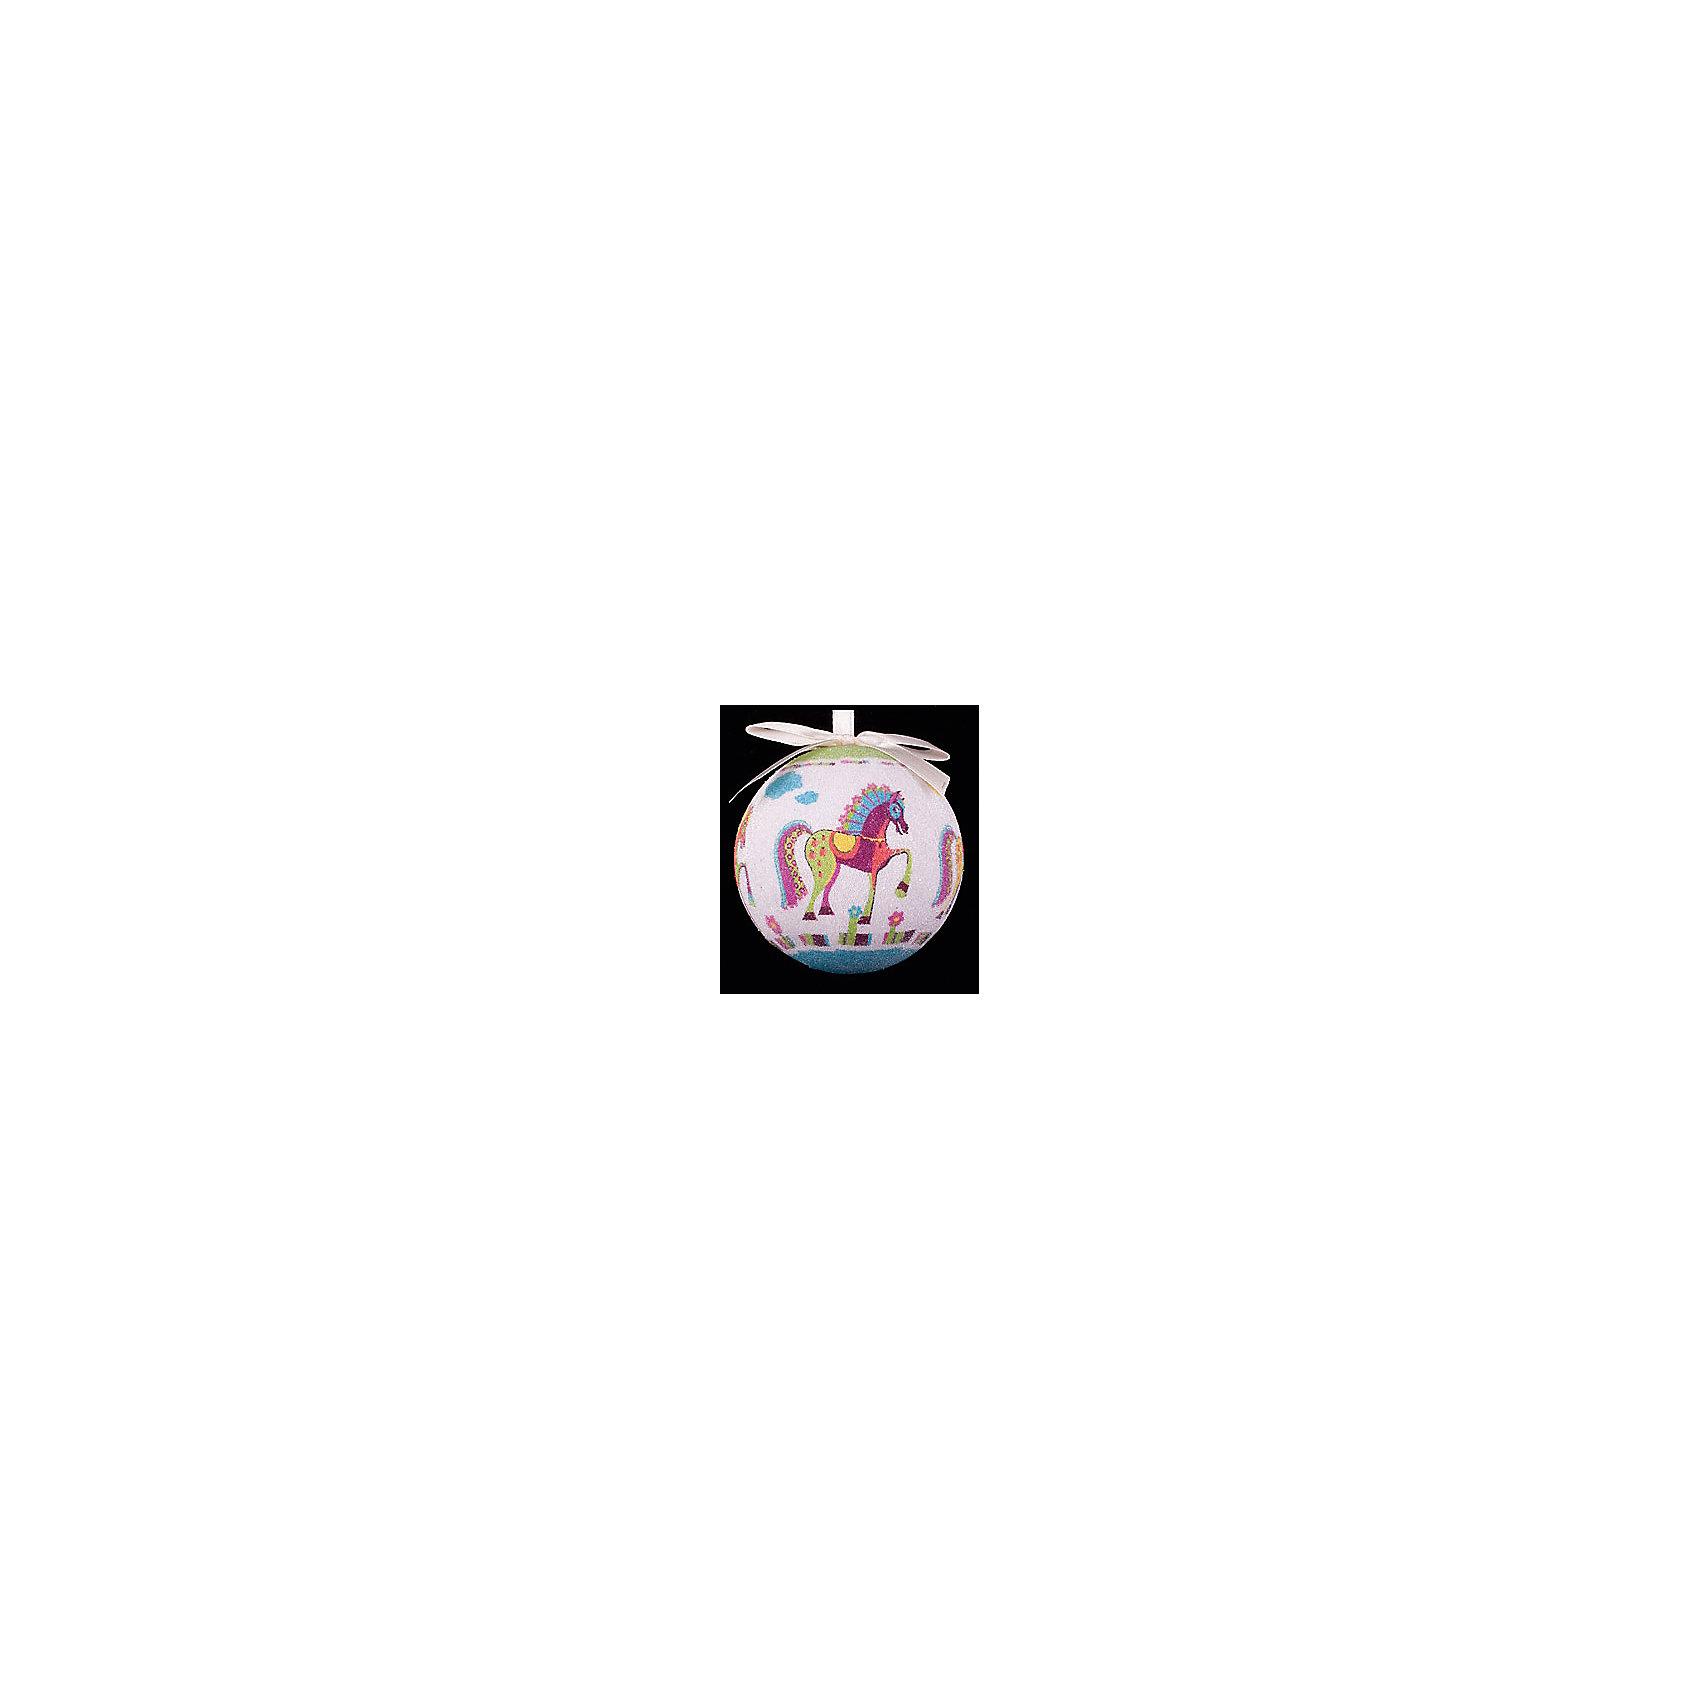 ёл. укр. шар GIFT , 7,5см, 1шт, снежное покрытиеЁлочные игрушки<br>Новогодние  и елочные украшения, в т.ч. пластиковые шары, украшения фигурные, изображающие представителей флоры, фауны, сказочных персонажей, верхушки, бусы, ветки, бантики, гирлянды и фонарики  (без подключения к сети переменного тока), конфетти, мишура, дождик, серпантин,  панно, венки, ели, ленты декоративные<br><br>Ширина мм: 80<br>Глубина мм: 80<br>Высота мм: 80<br>Вес г: 35<br>Возраст от месяцев: 36<br>Возраст до месяцев: 2147483647<br>Пол: Унисекс<br>Возраст: Детский<br>SKU: 5101067